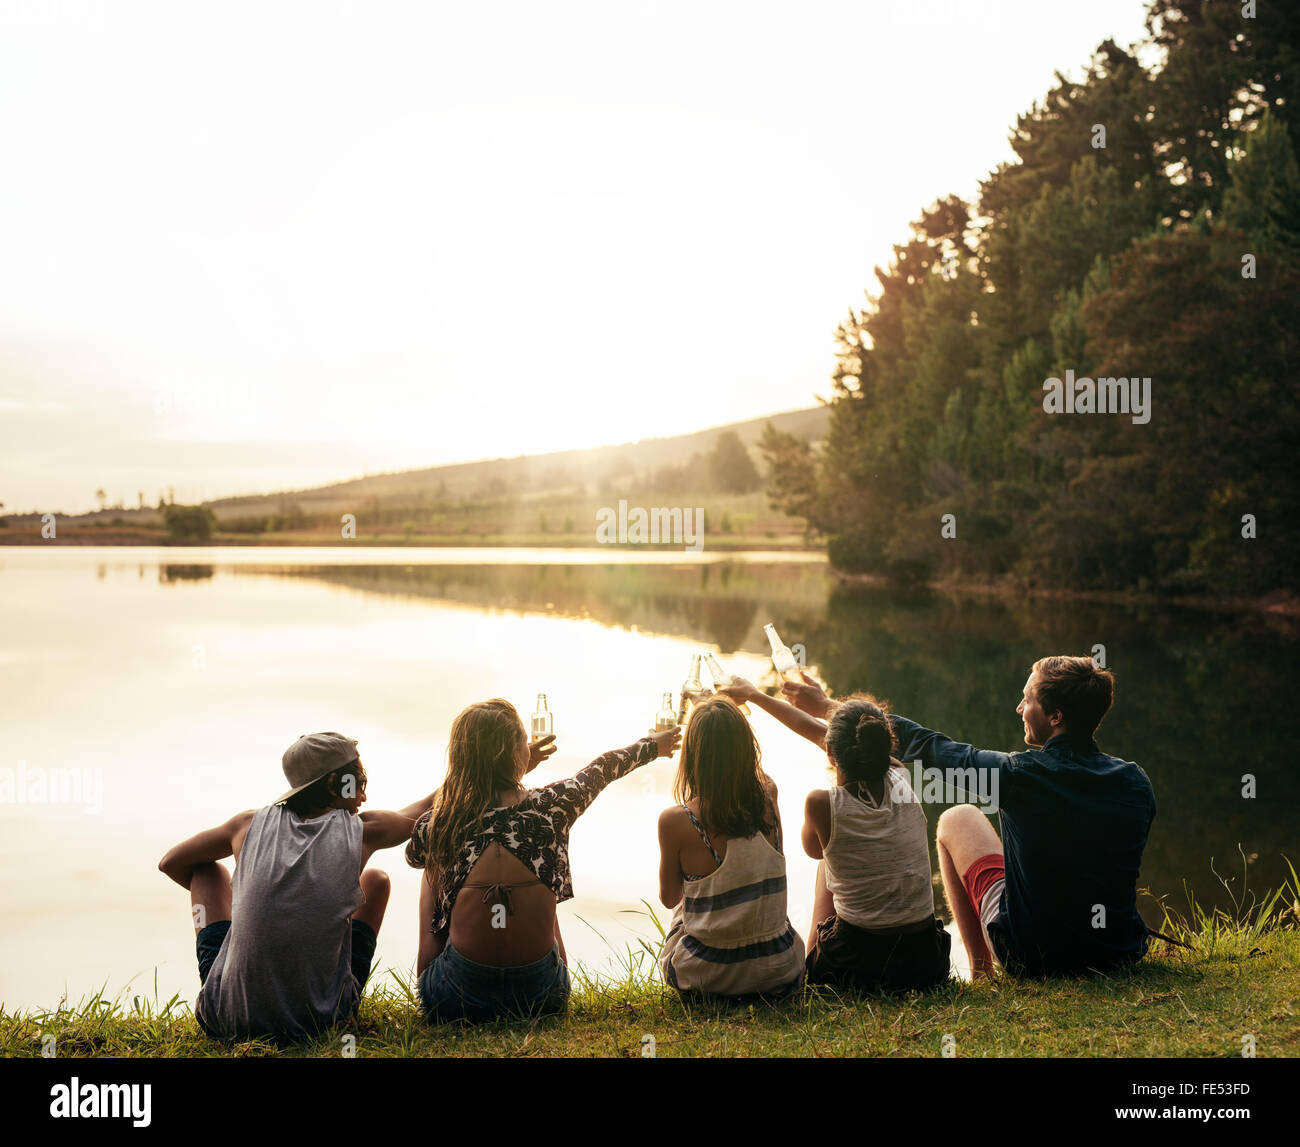 Grupo de jóvenes sentados en una fila en un lago. Jóvenes amigos tostado y celebrando con cervezas en Imagen De Stock